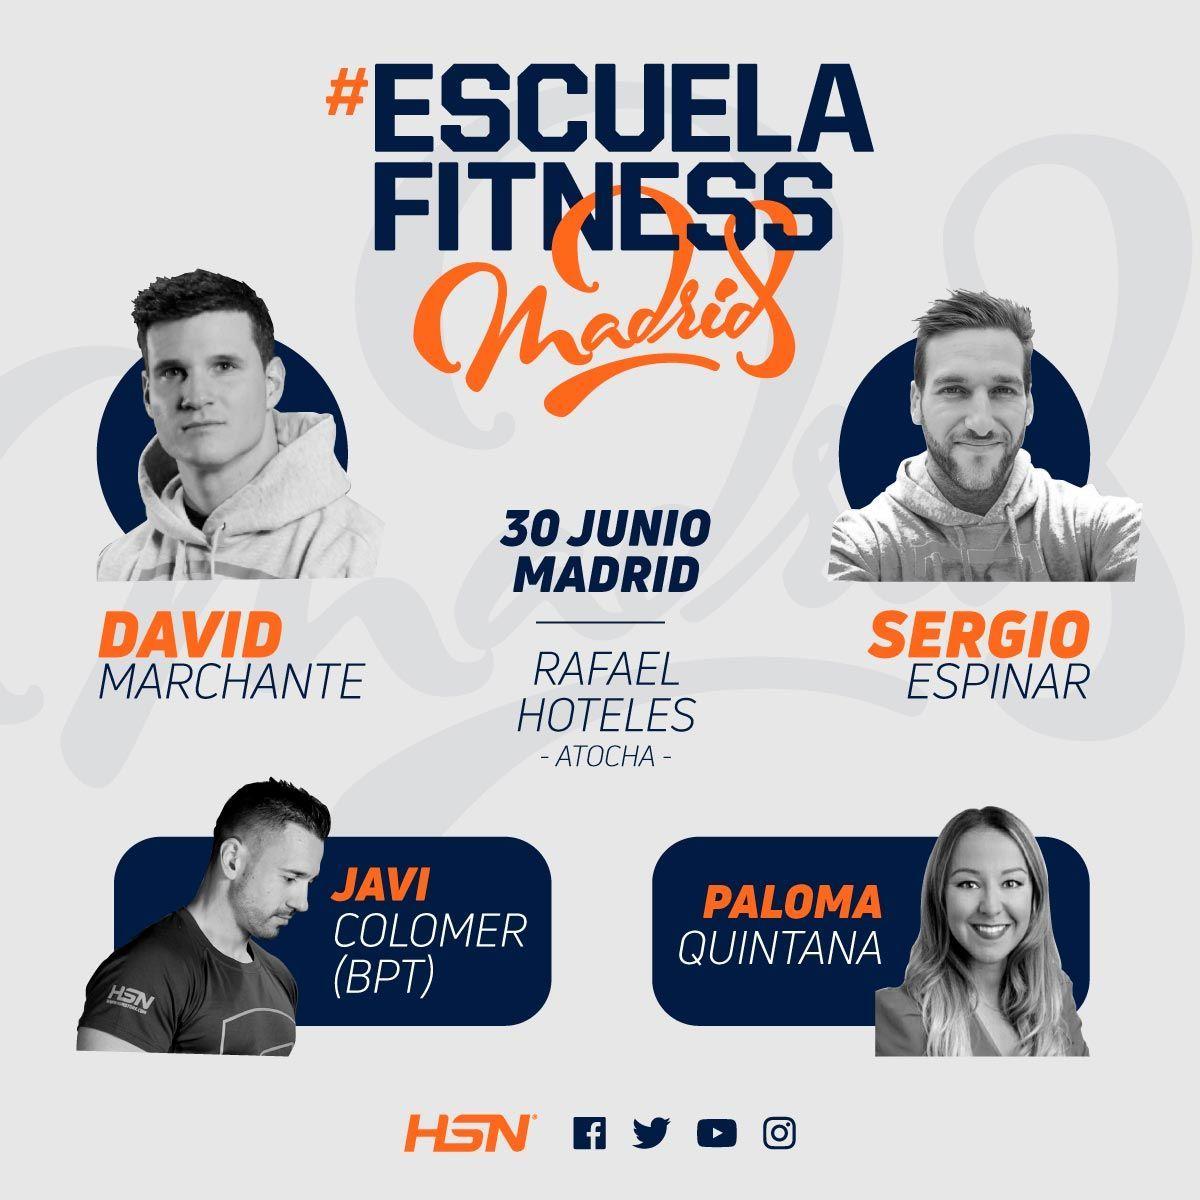 #EscuelaFitness 2018